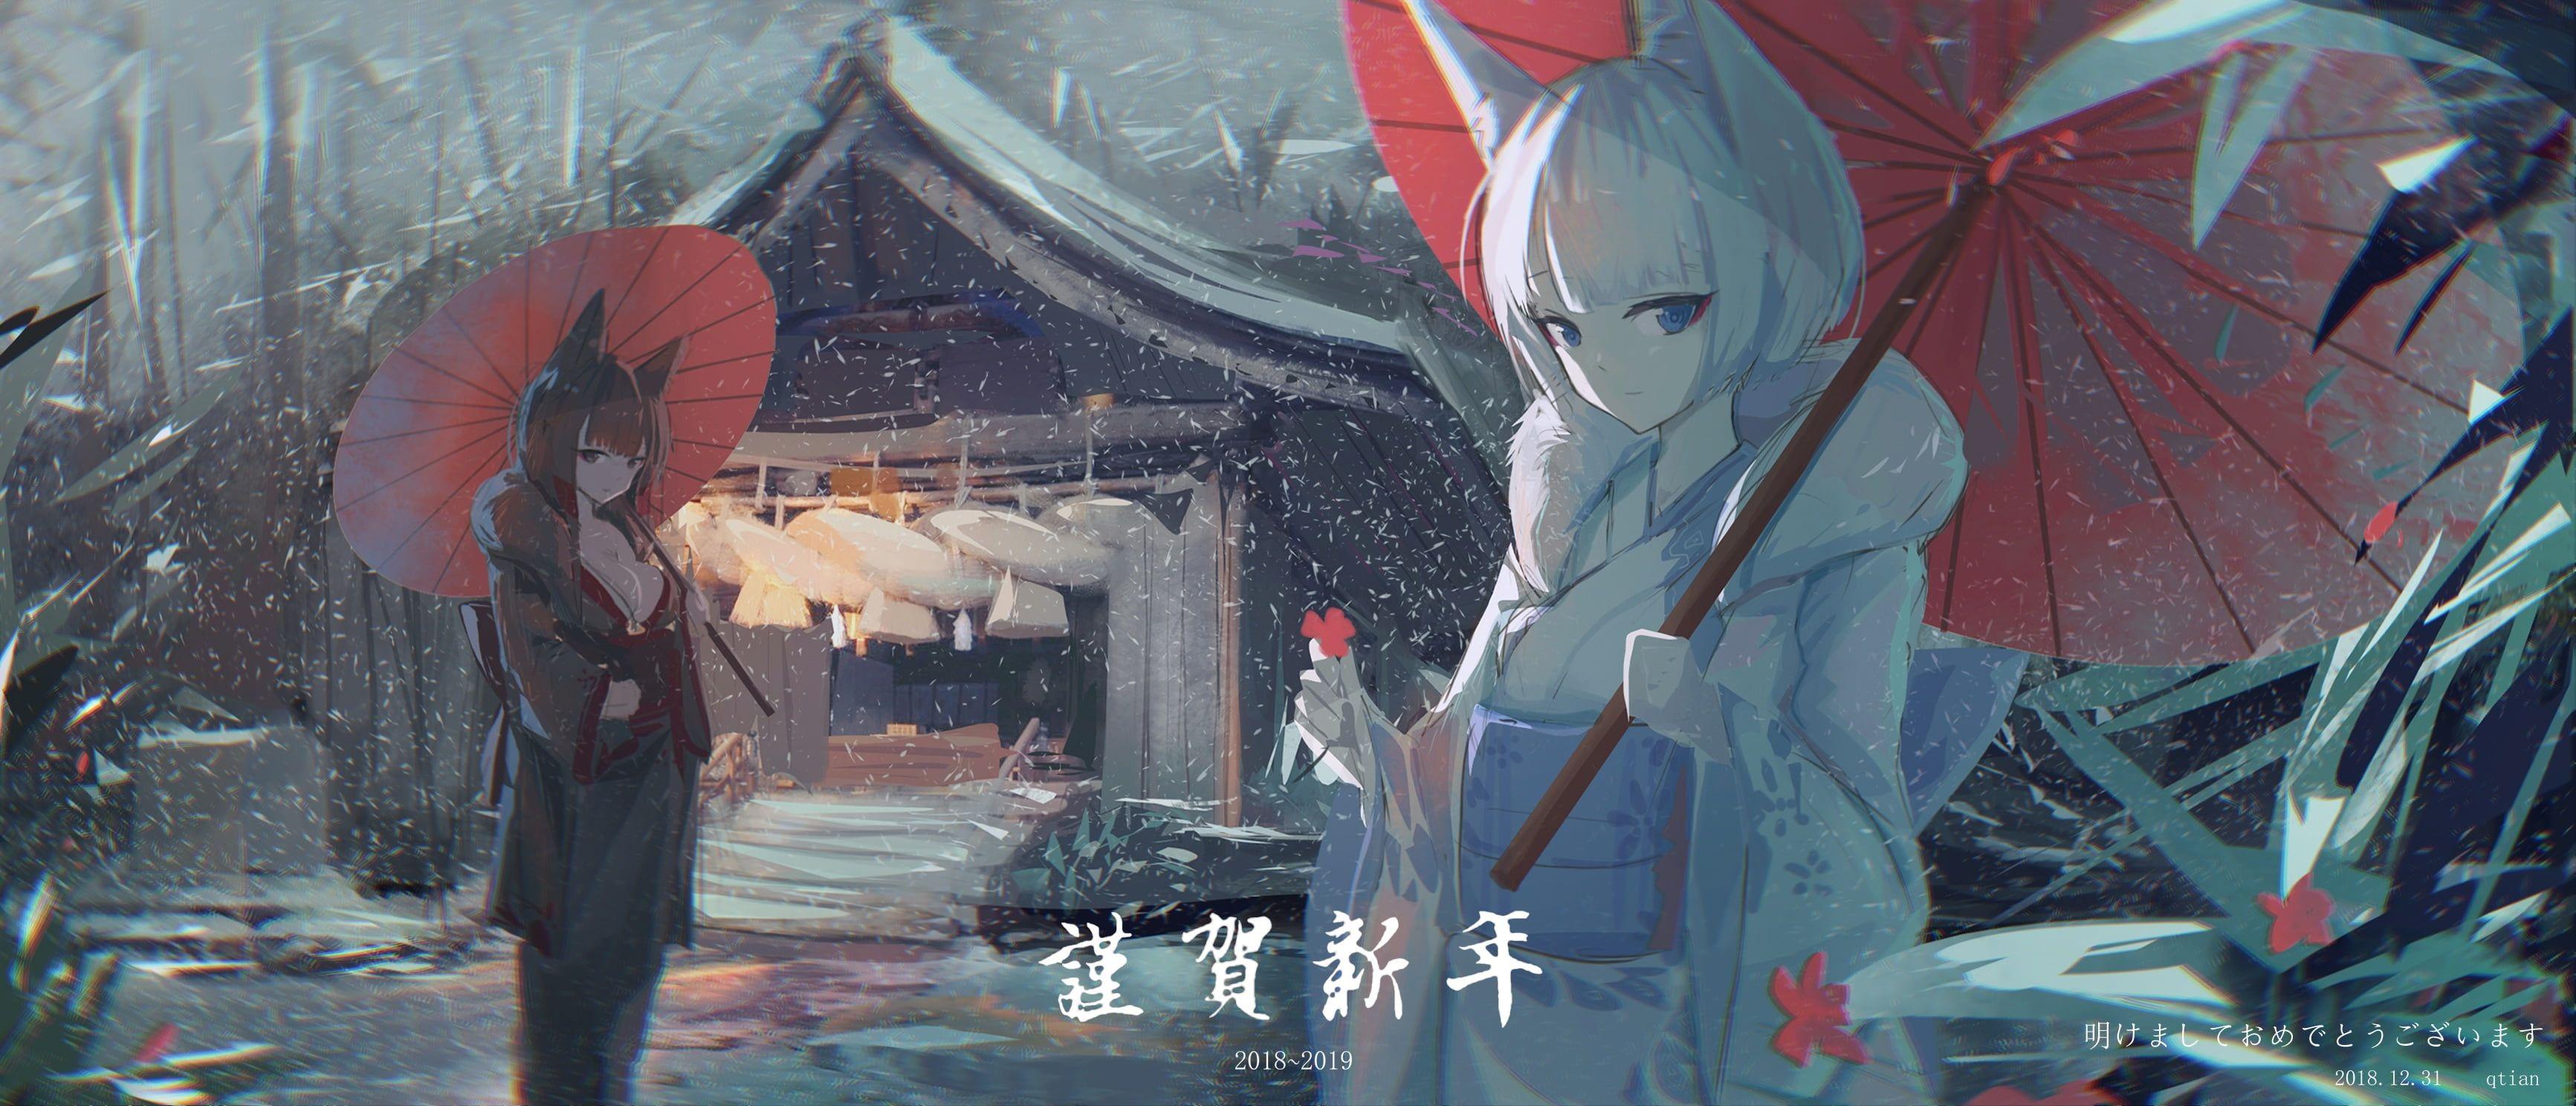 Anime Azur Lane Akagi Azur Lane Kaga Azur Lane 2k Wallpaper Hdwallpaper Desktop Anime Hd Wallpaper Wallpaper Akagi muse azur lane wallpaper